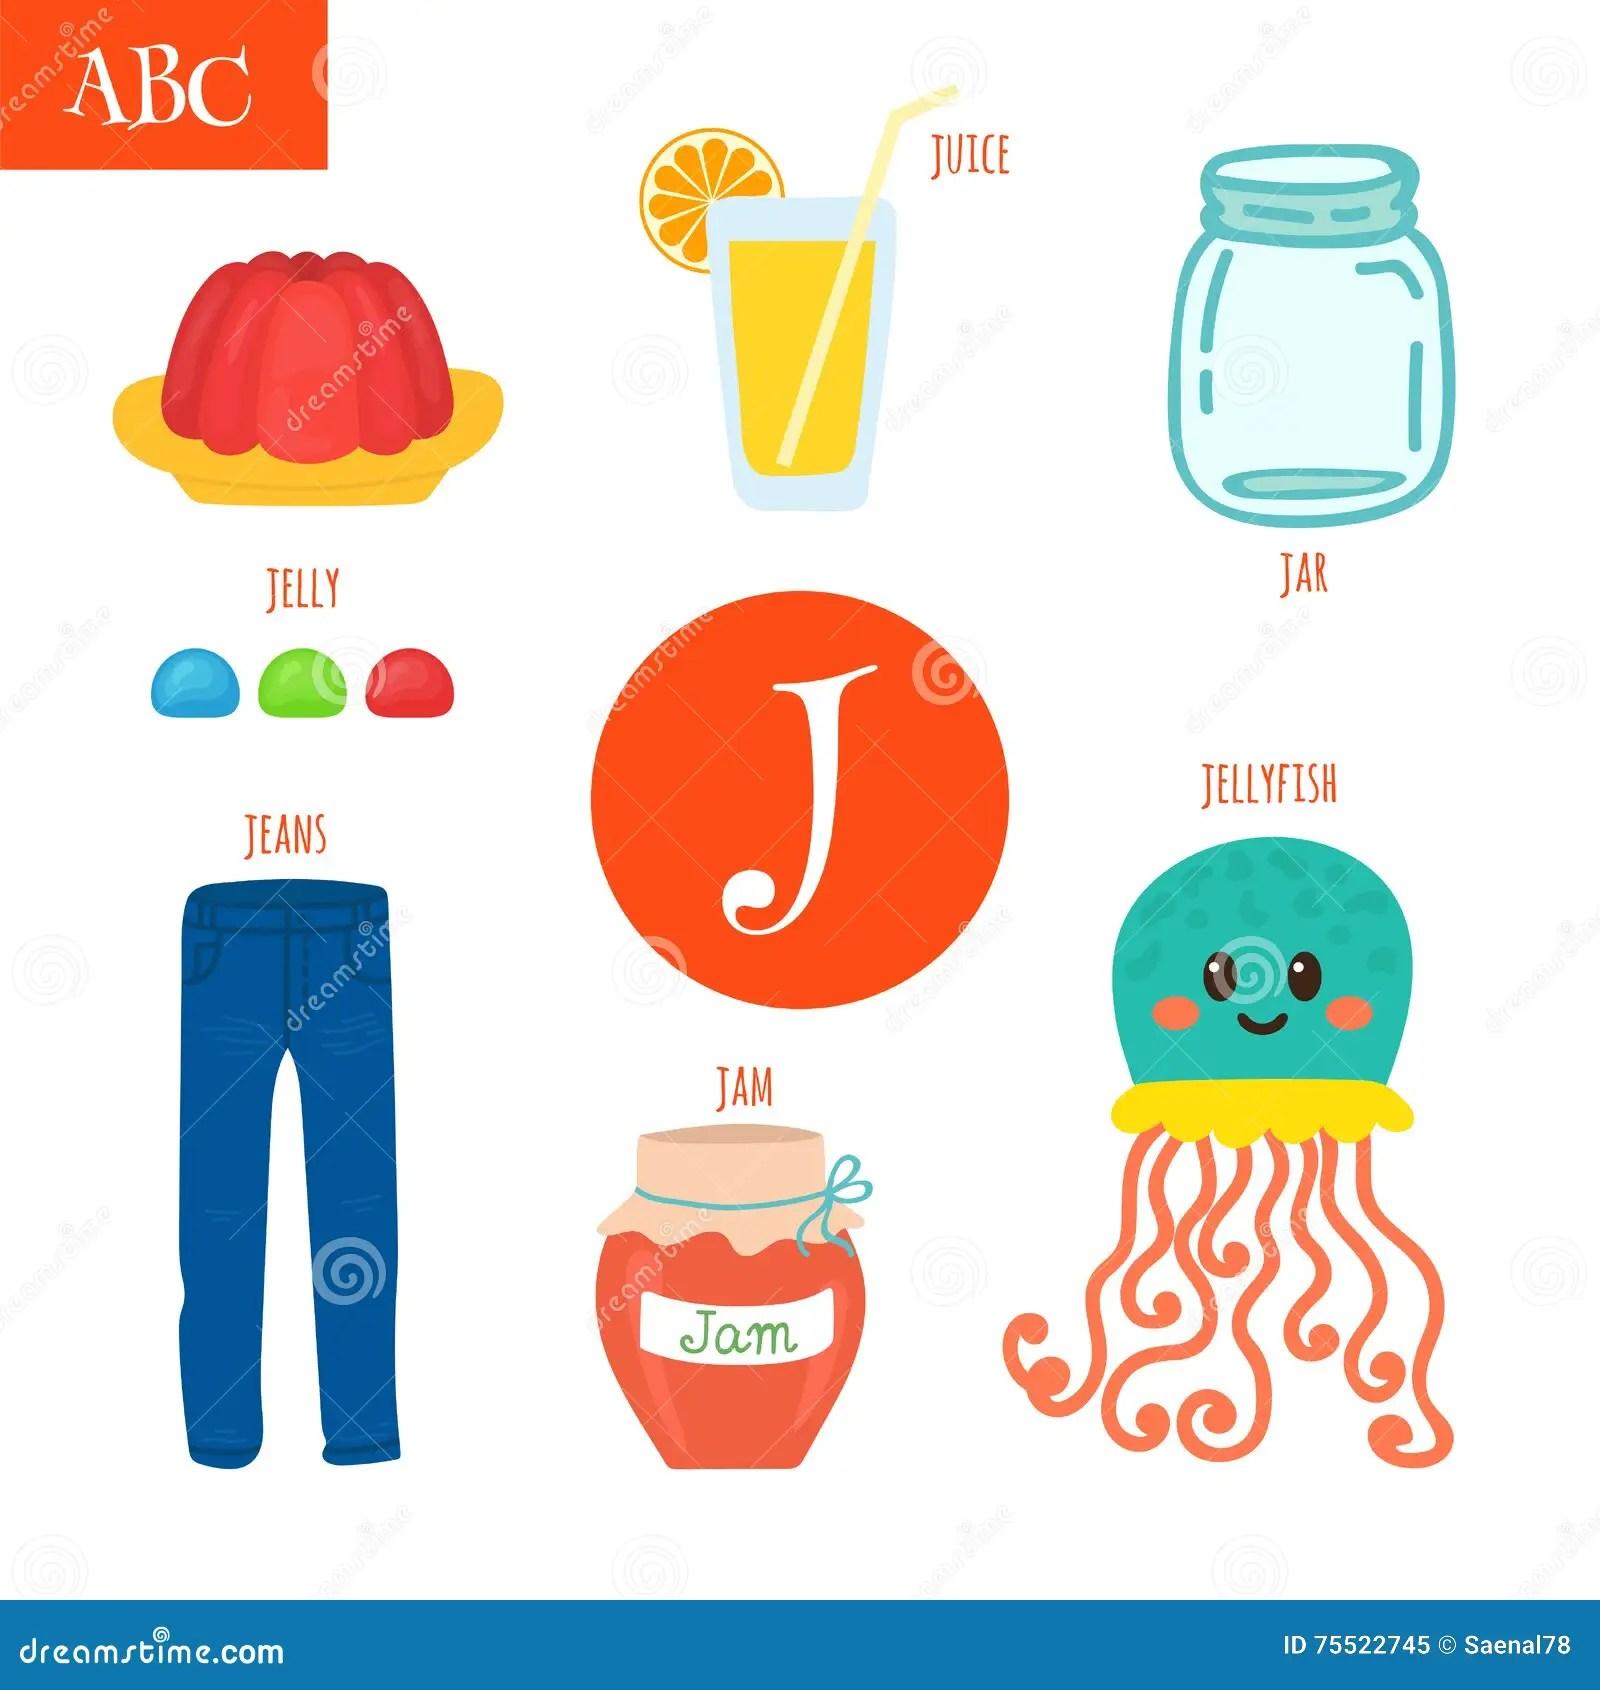 Letter J Cartoon Alphabet For Children Jellyfish Jelly